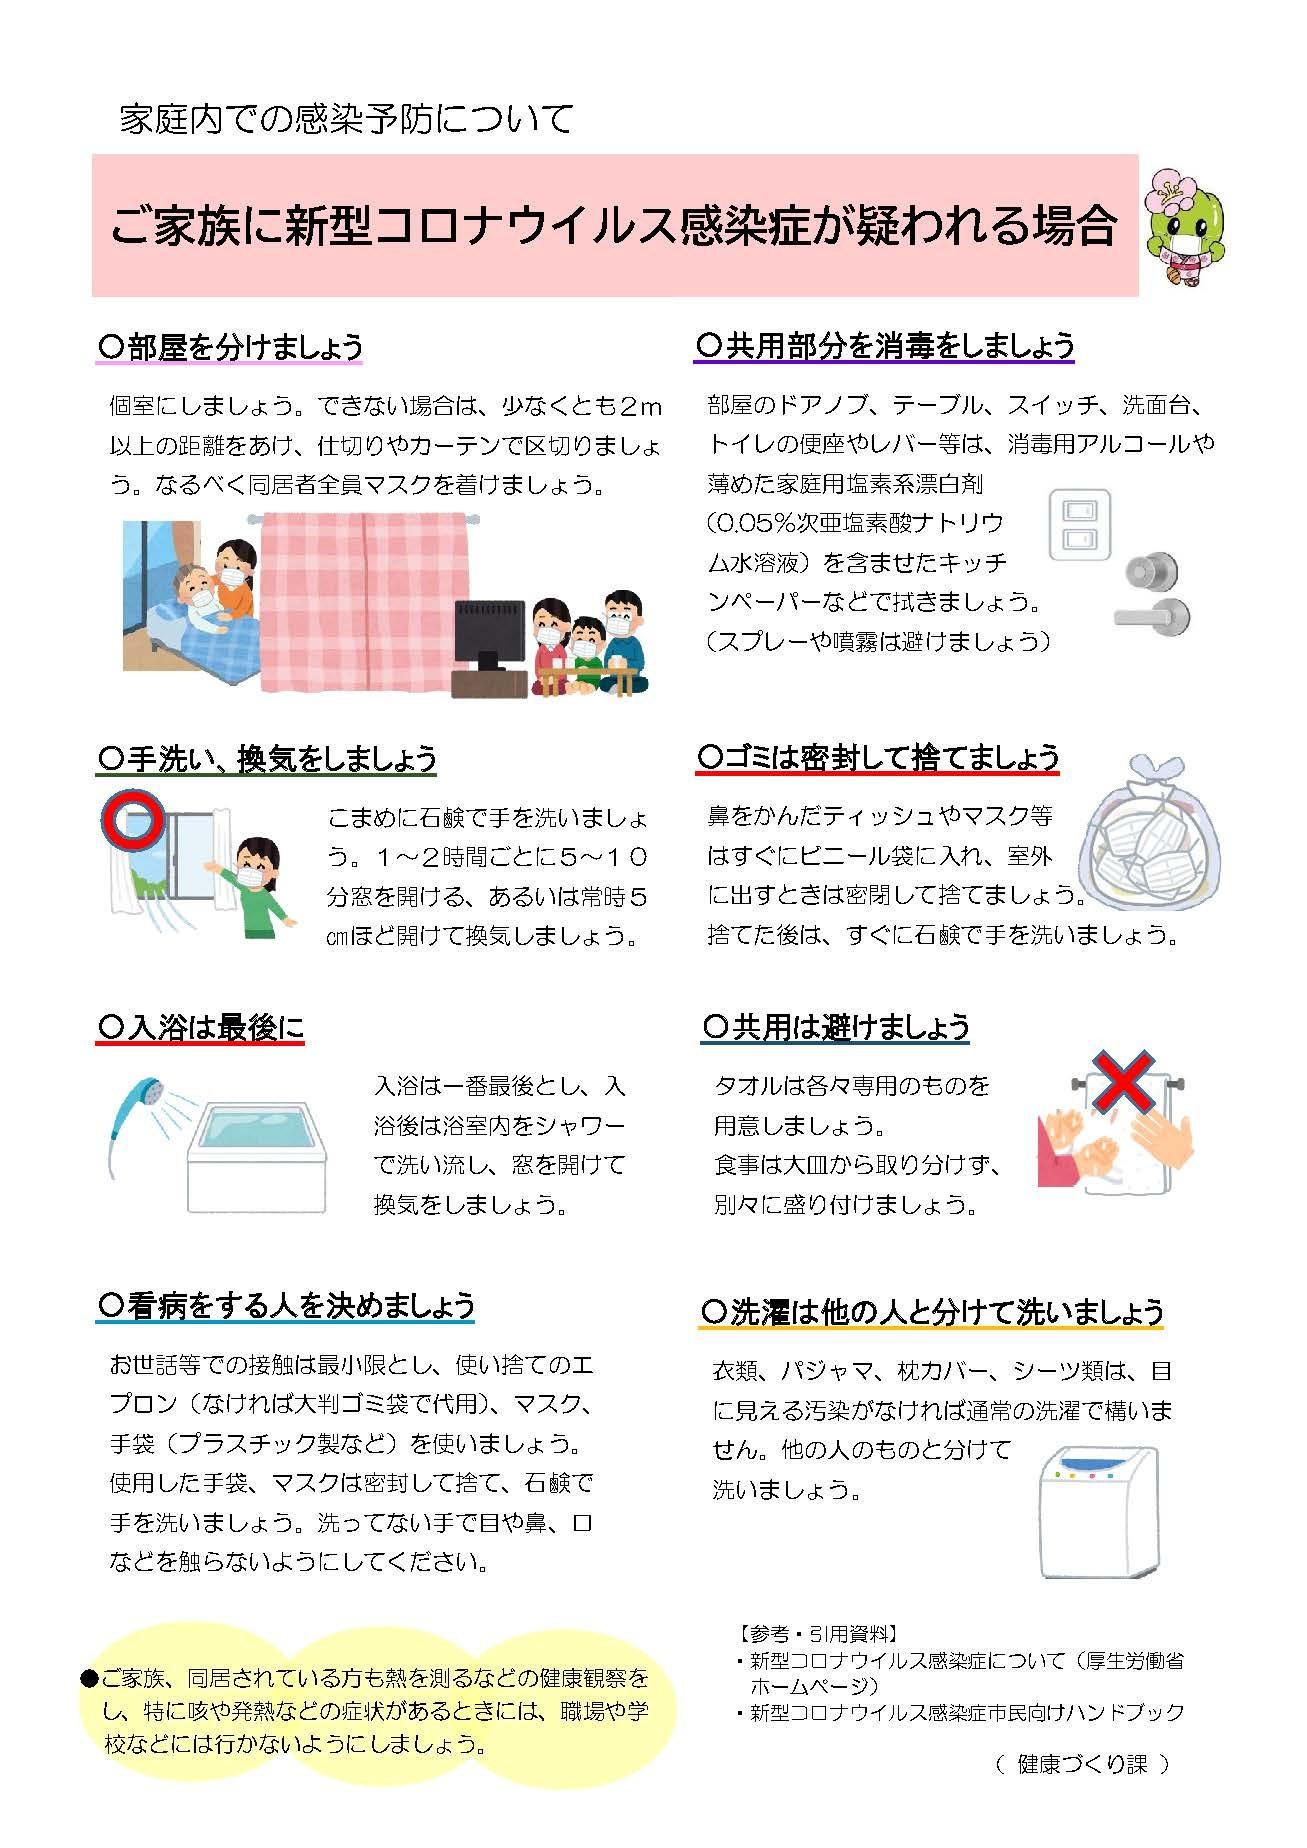 感染 厚生 労働省 ウイルス 症 コロナ 新型